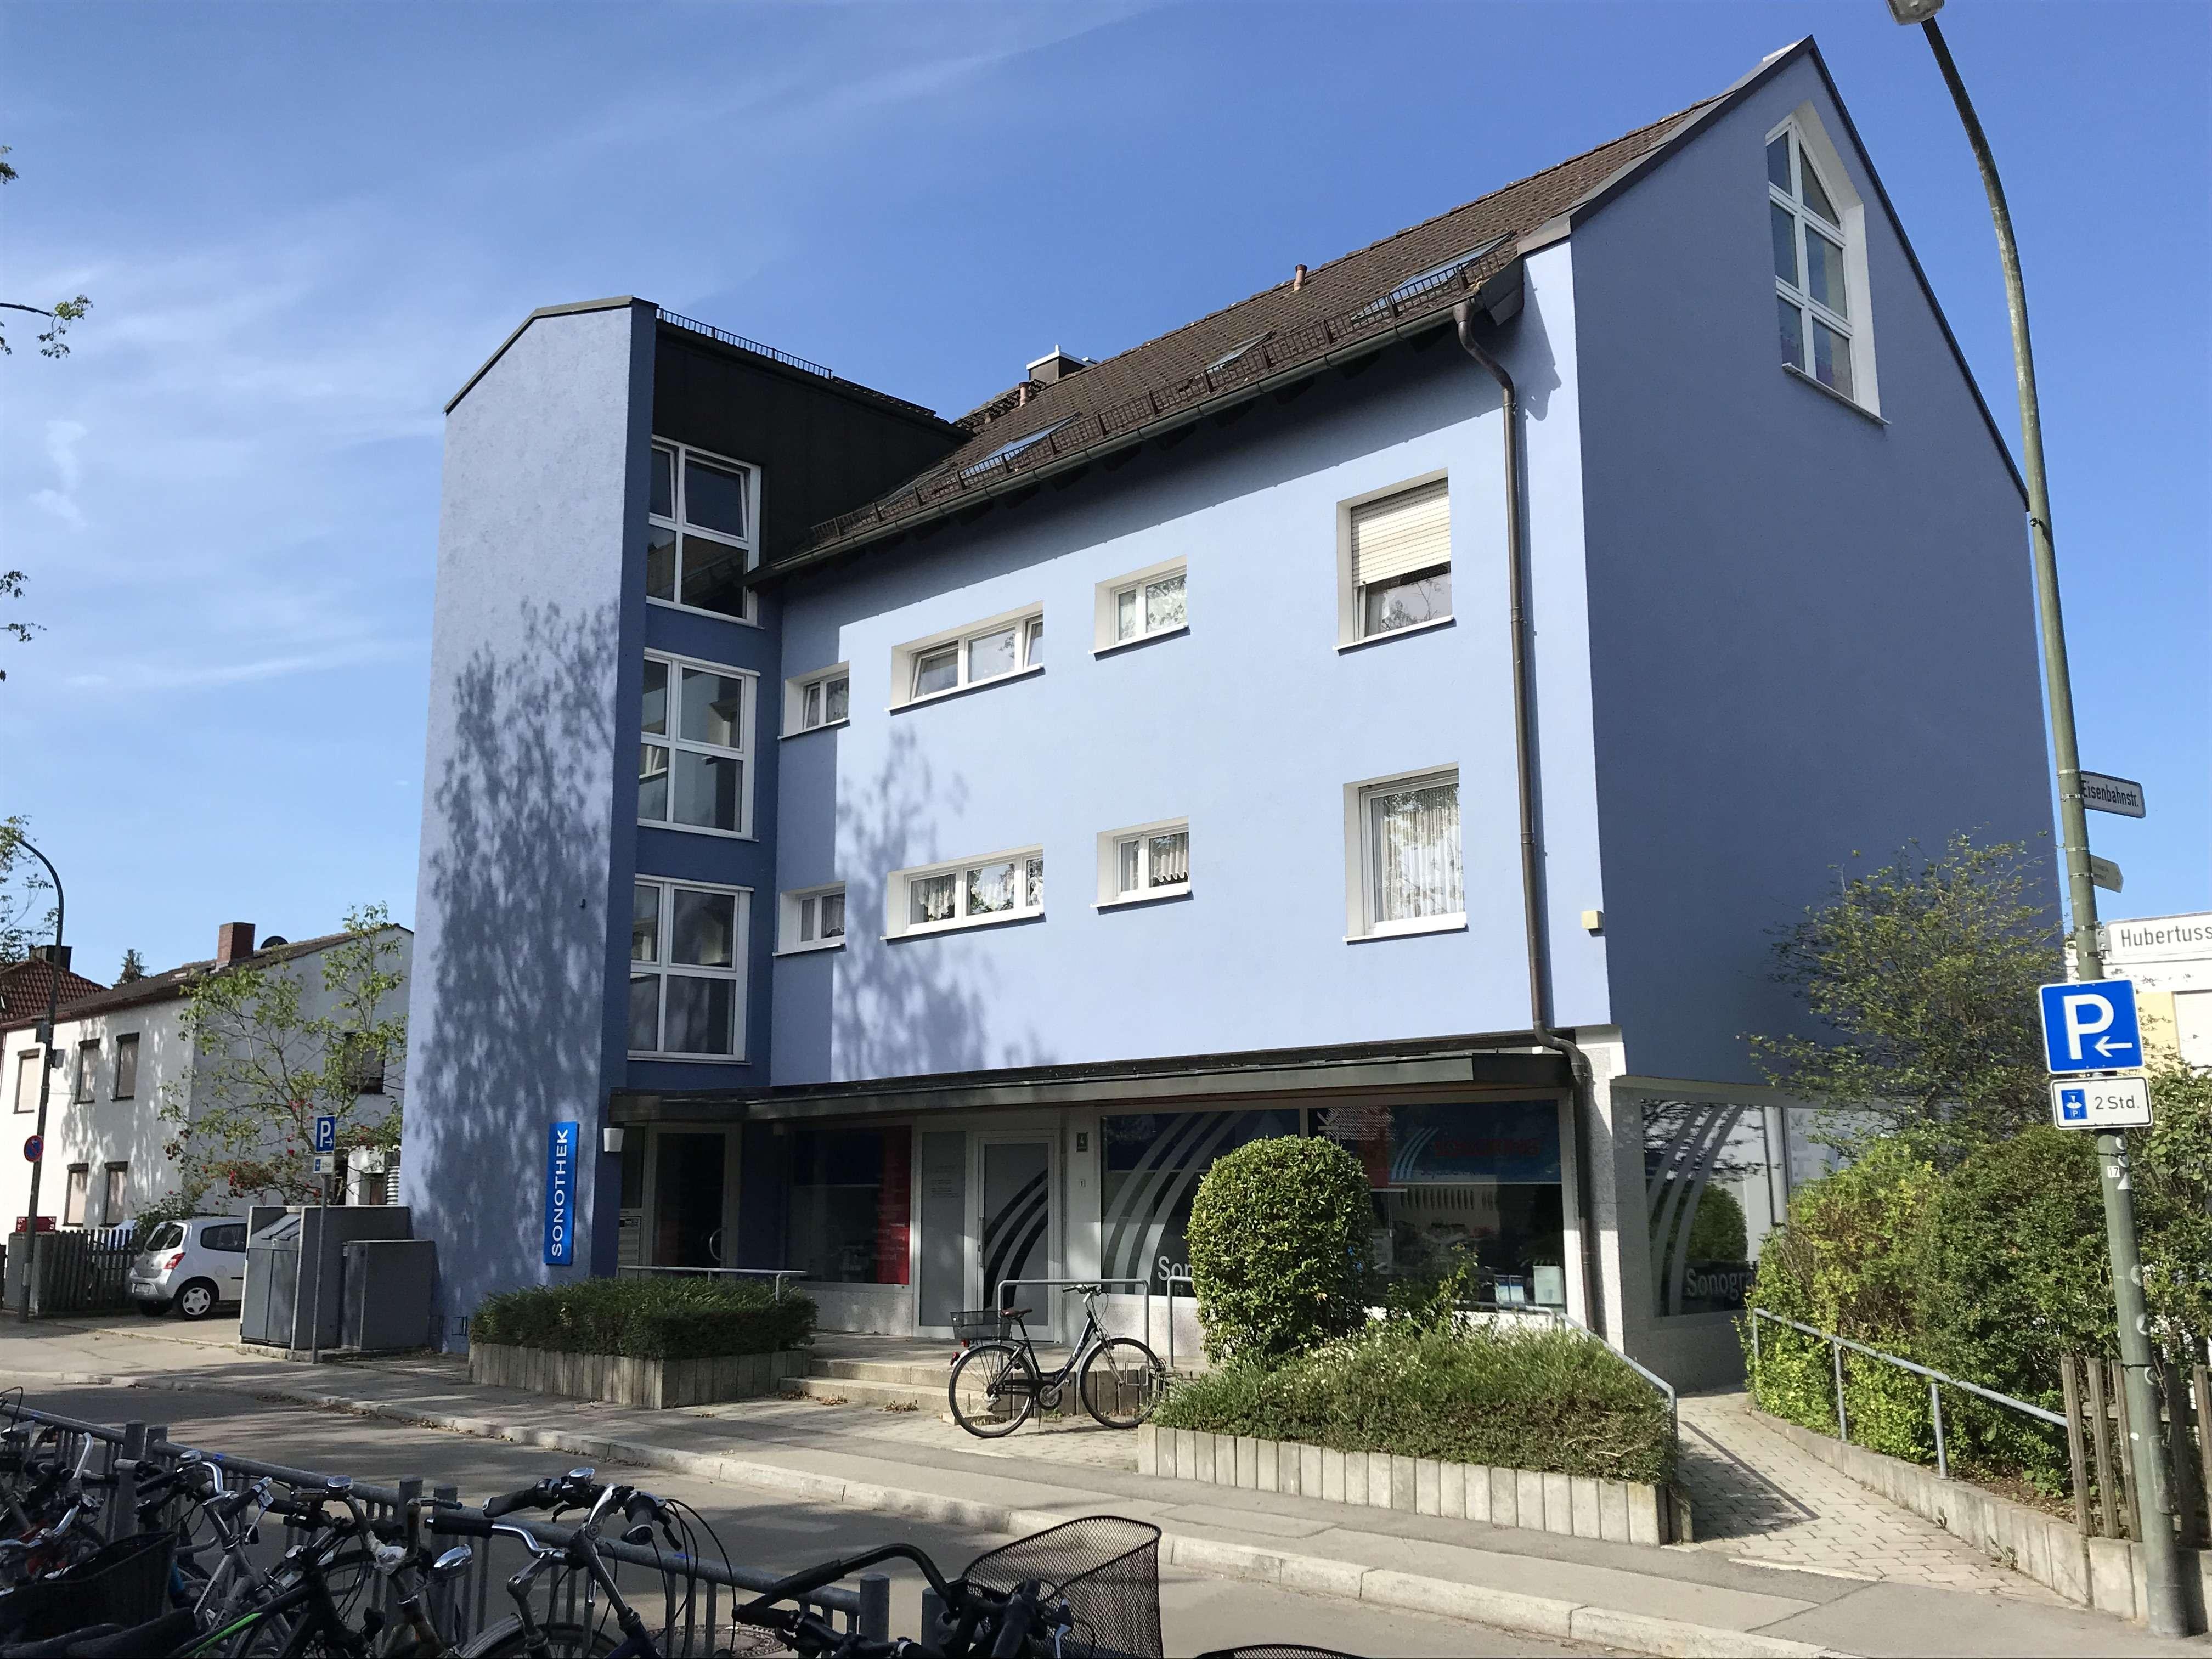 ****Gemütliche 4-Zimmer-Wohnung mit großem Balkon**** in Germering-Harthaus in